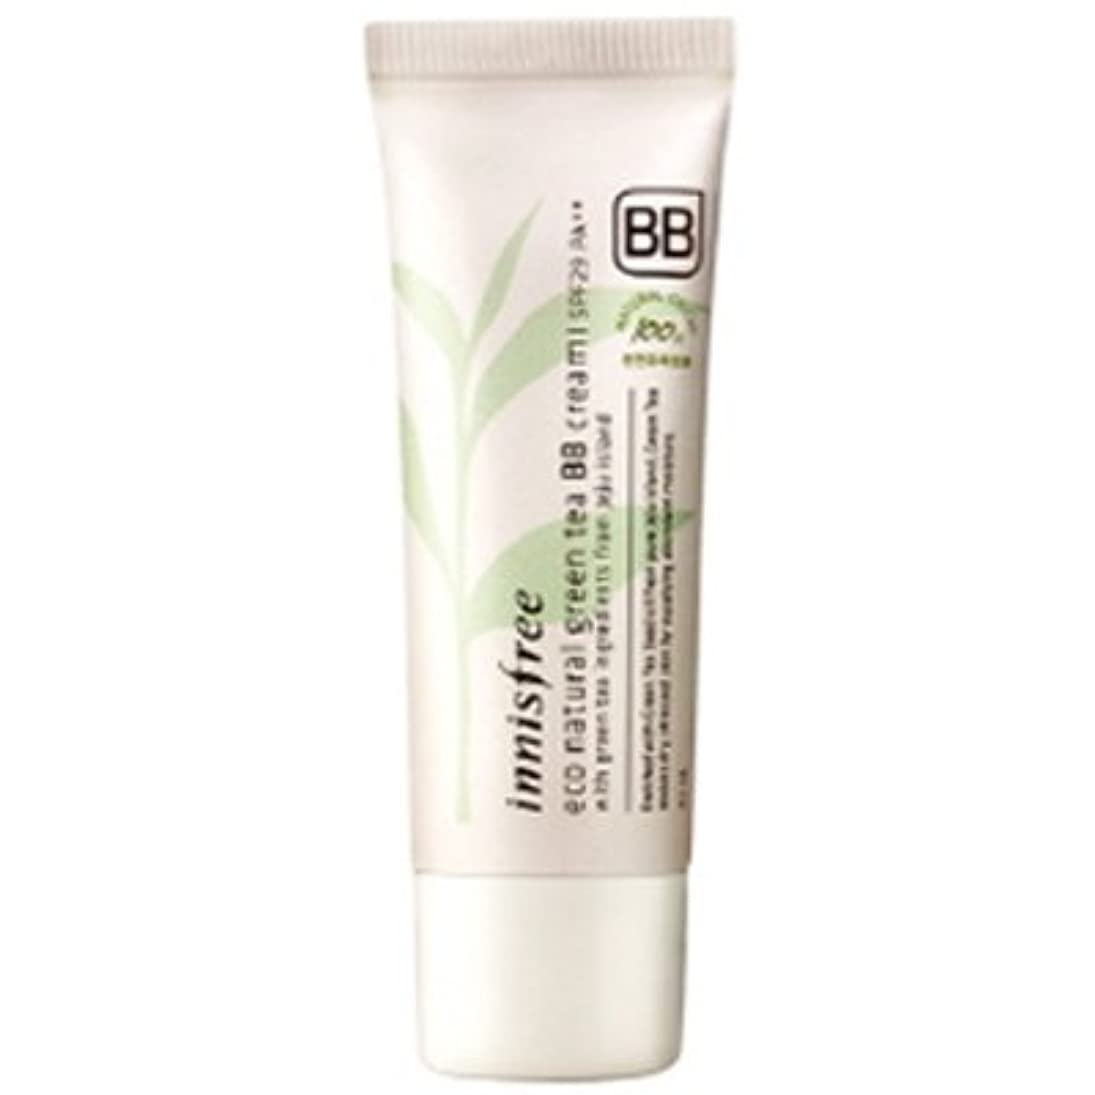 出席ライオネルグリーンストリート洗練されたinnisfree(イニスフリー) Eco natural green tea BB cream エコ ナチュラル グリーン ティー BB クリーム SPF29/PA++ 40ml #1:ライトベージュ